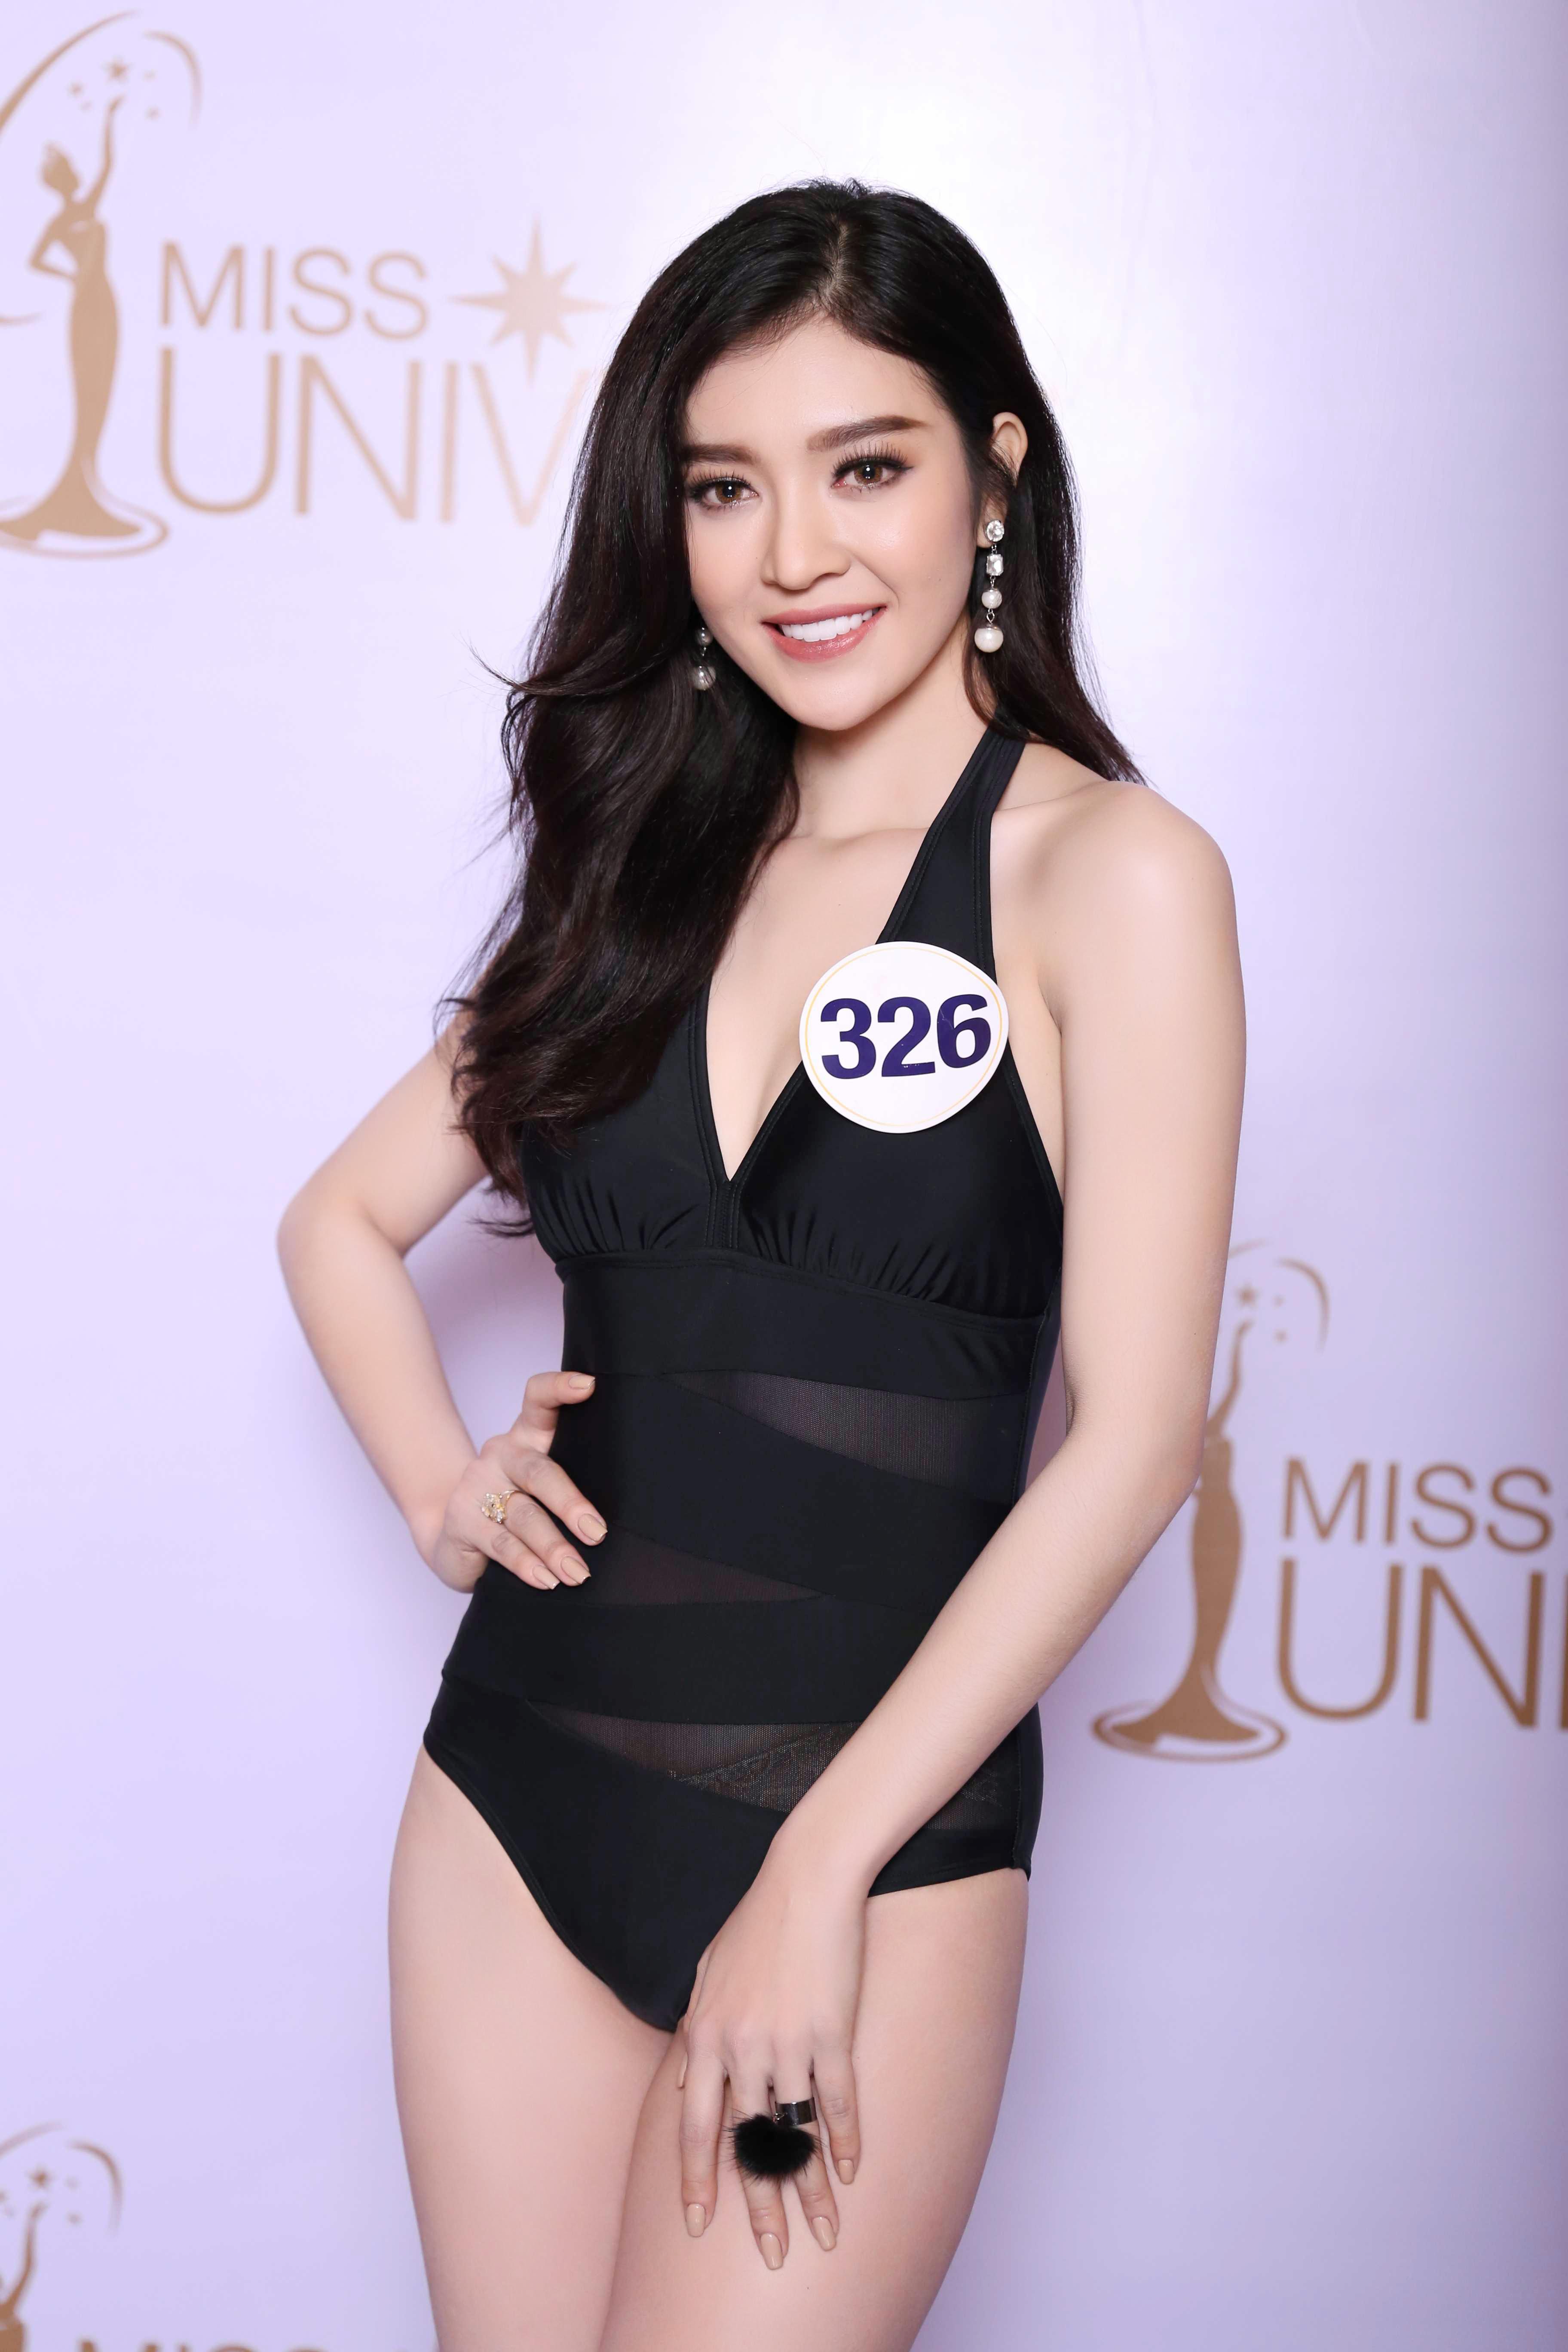 Cận cảnh hình ảnh bikini của Hoàng Thùy, Mâu Thủy, Mai Ngô... tại Hoa hậu Hoàn vũ, ai nuột nhất? - Ảnh 10.